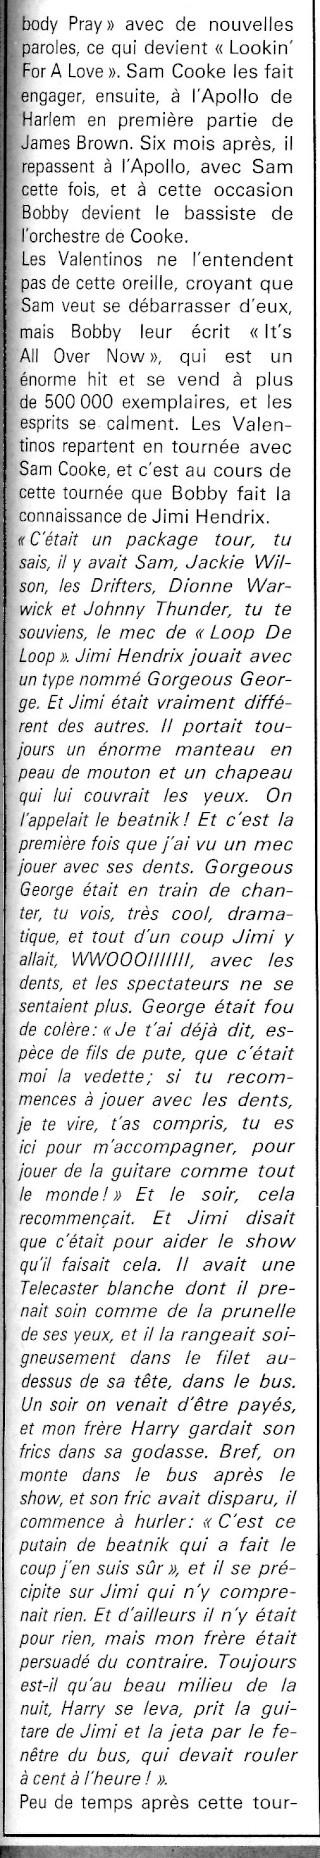 Jimi Hendrix dans la presse musicale française des années 60, 70 & 80 - Page 5 Rnf_1111